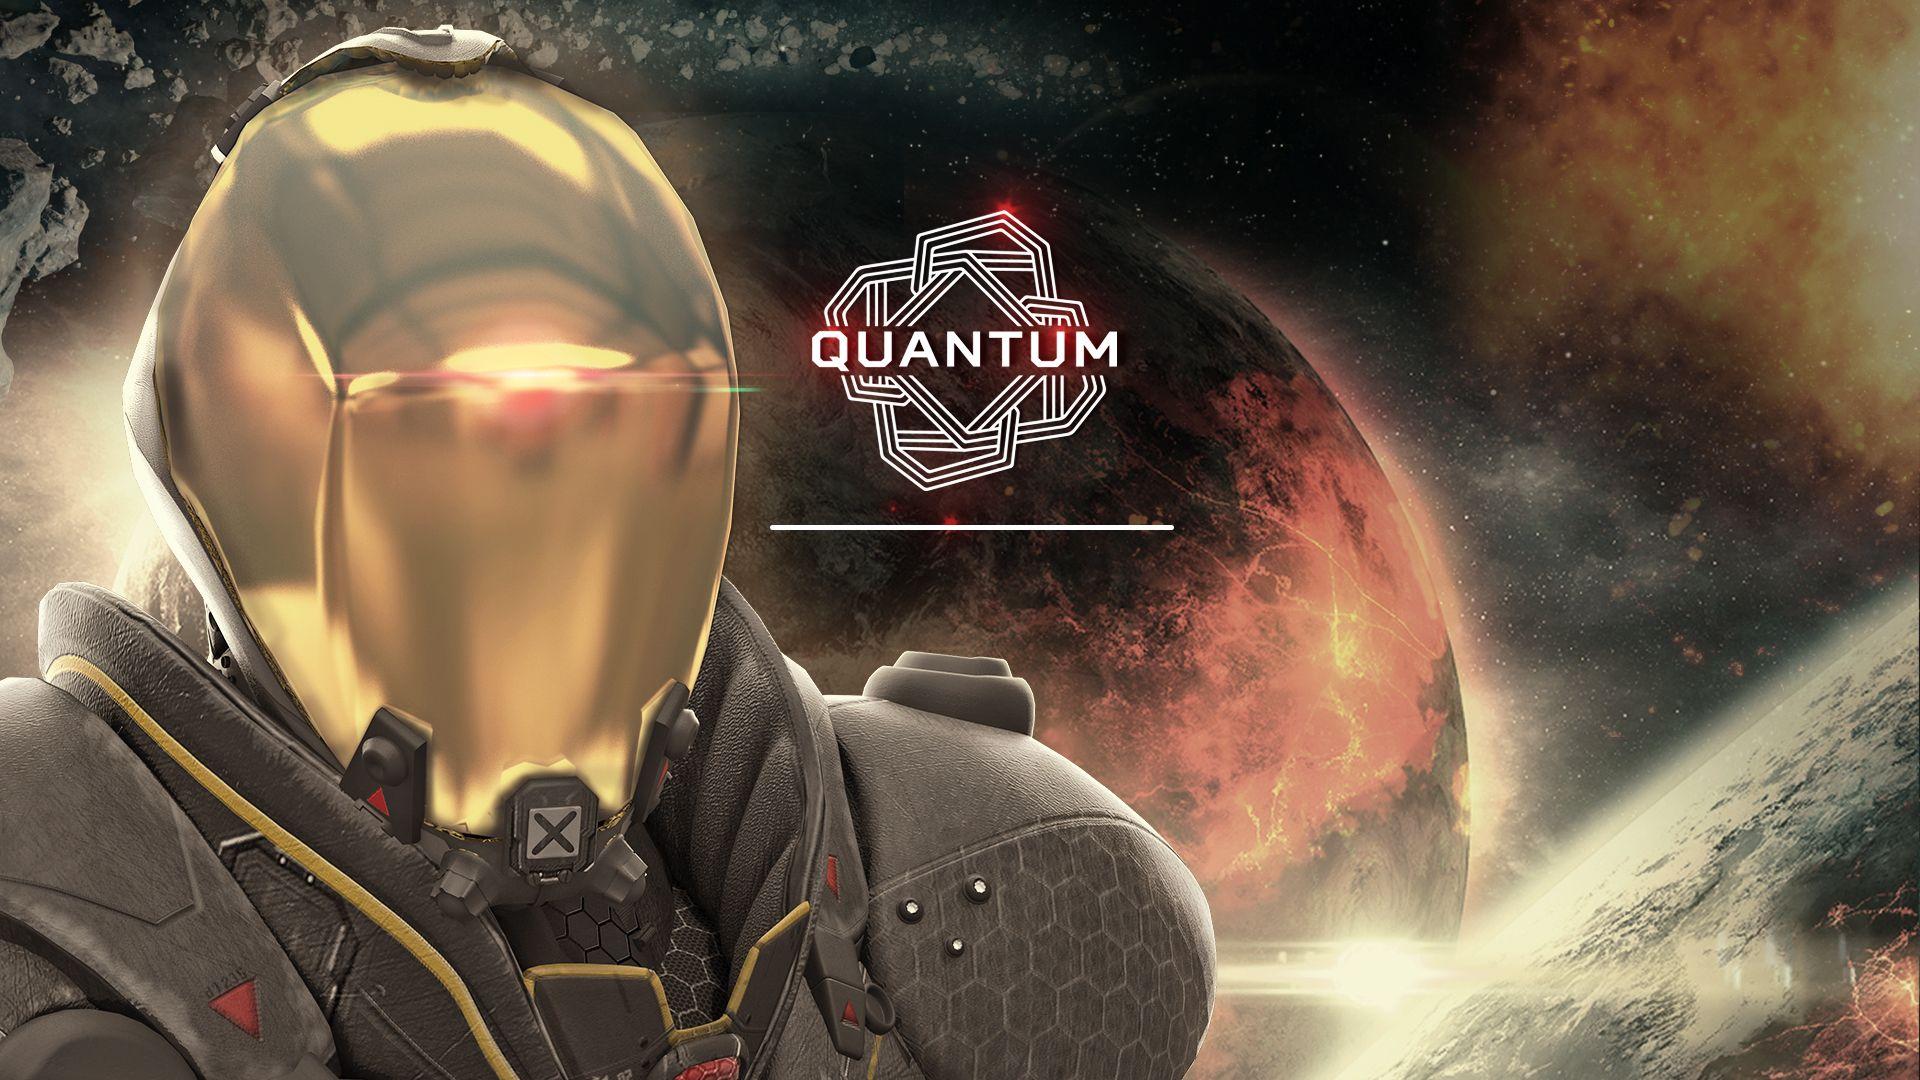 Conoce Quantum, la primera montaña rusa con realidad virtual de Colombia y Suramérica